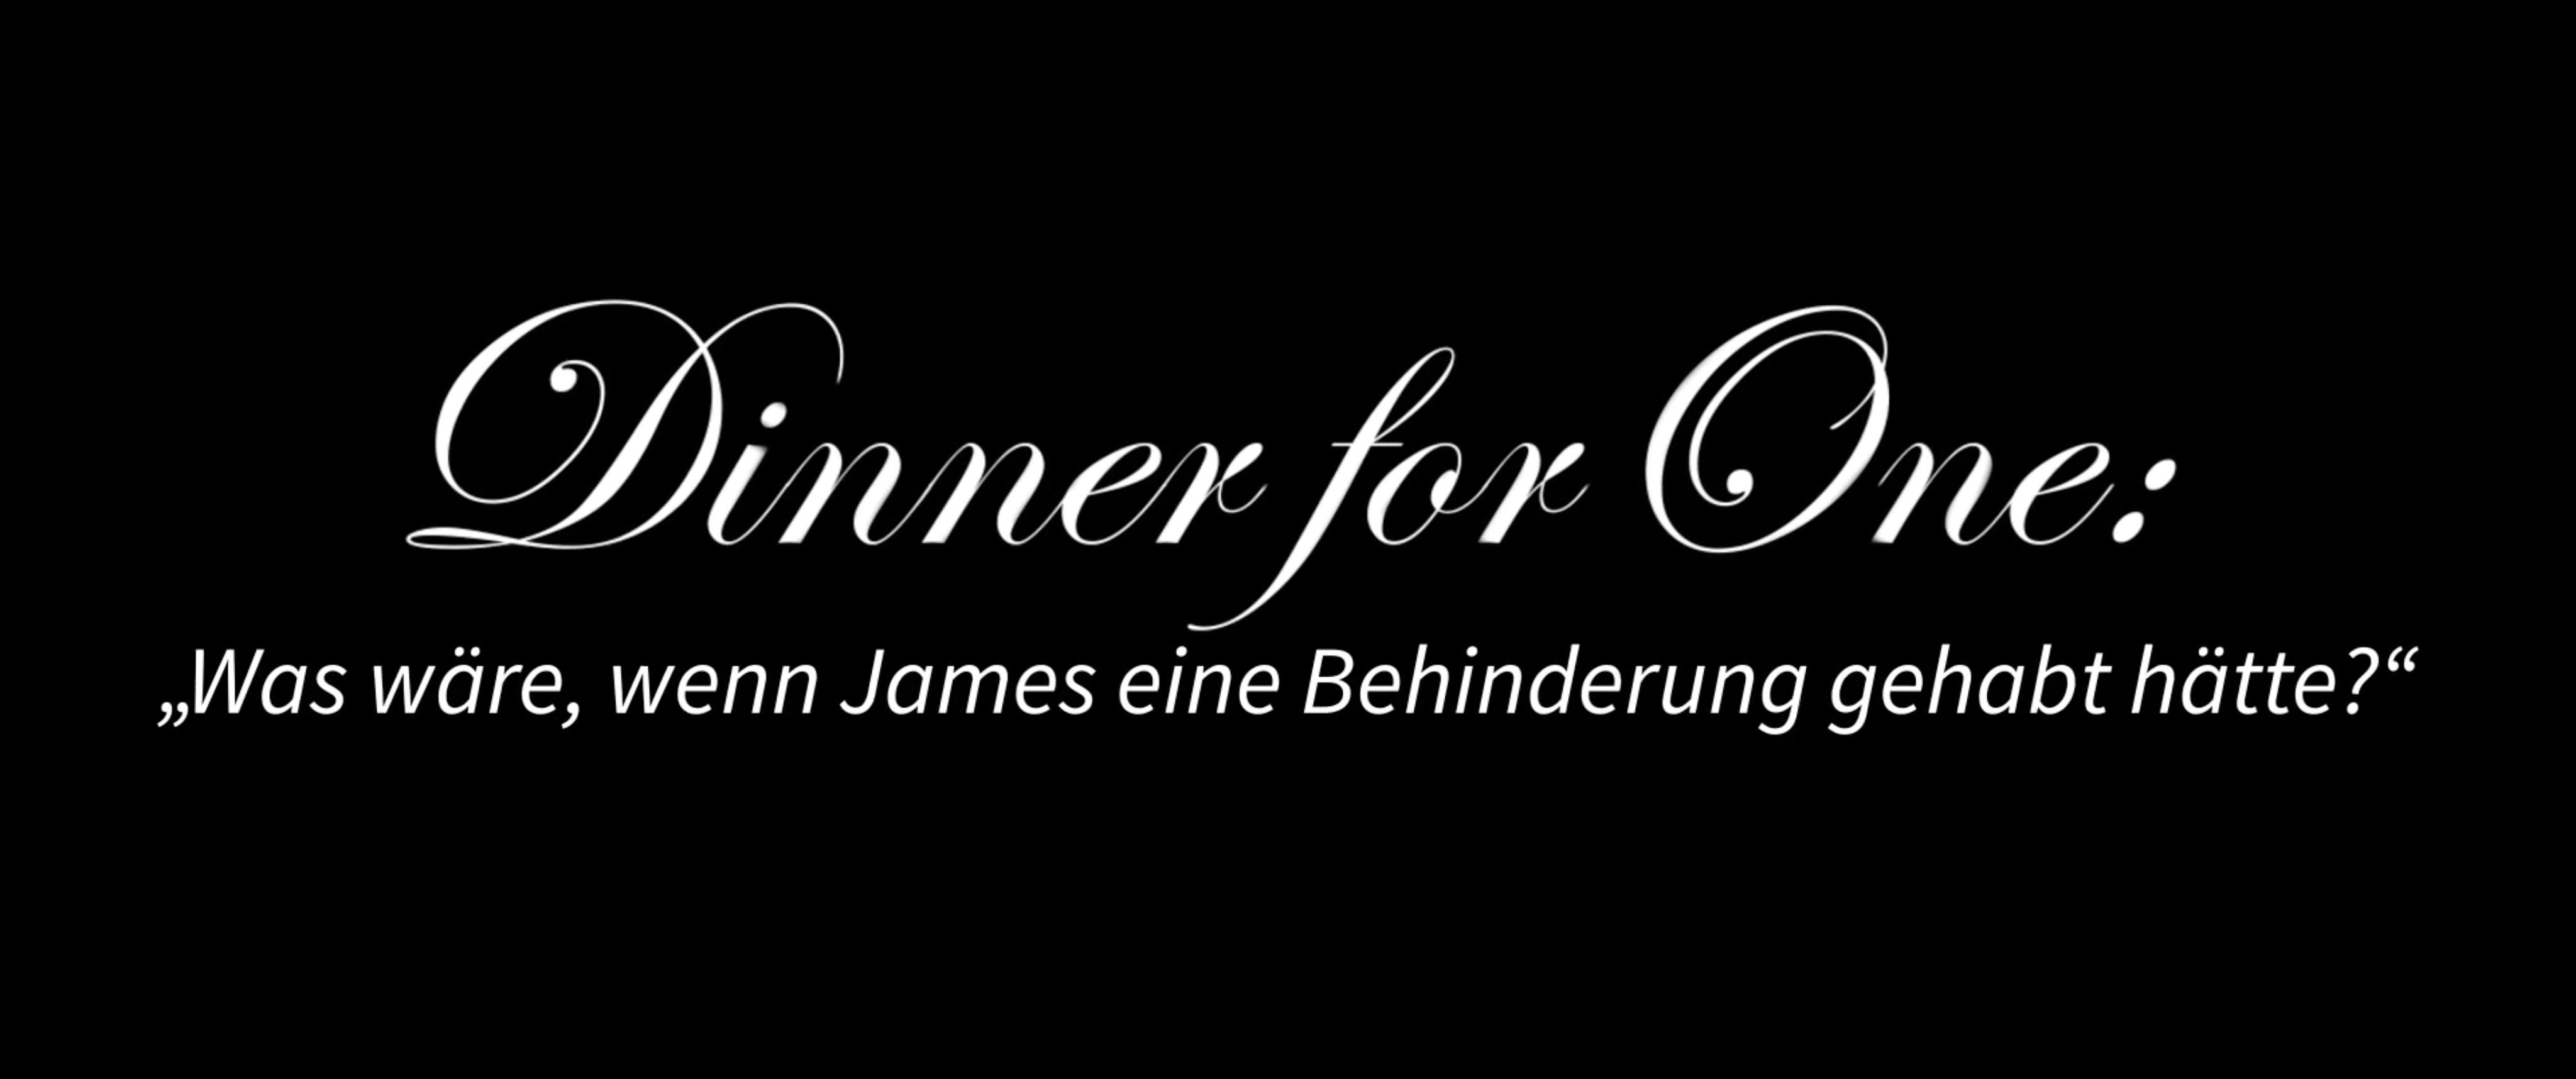 Dinner for One: Was wäre wen James eine Behinderung gehabt hätte?